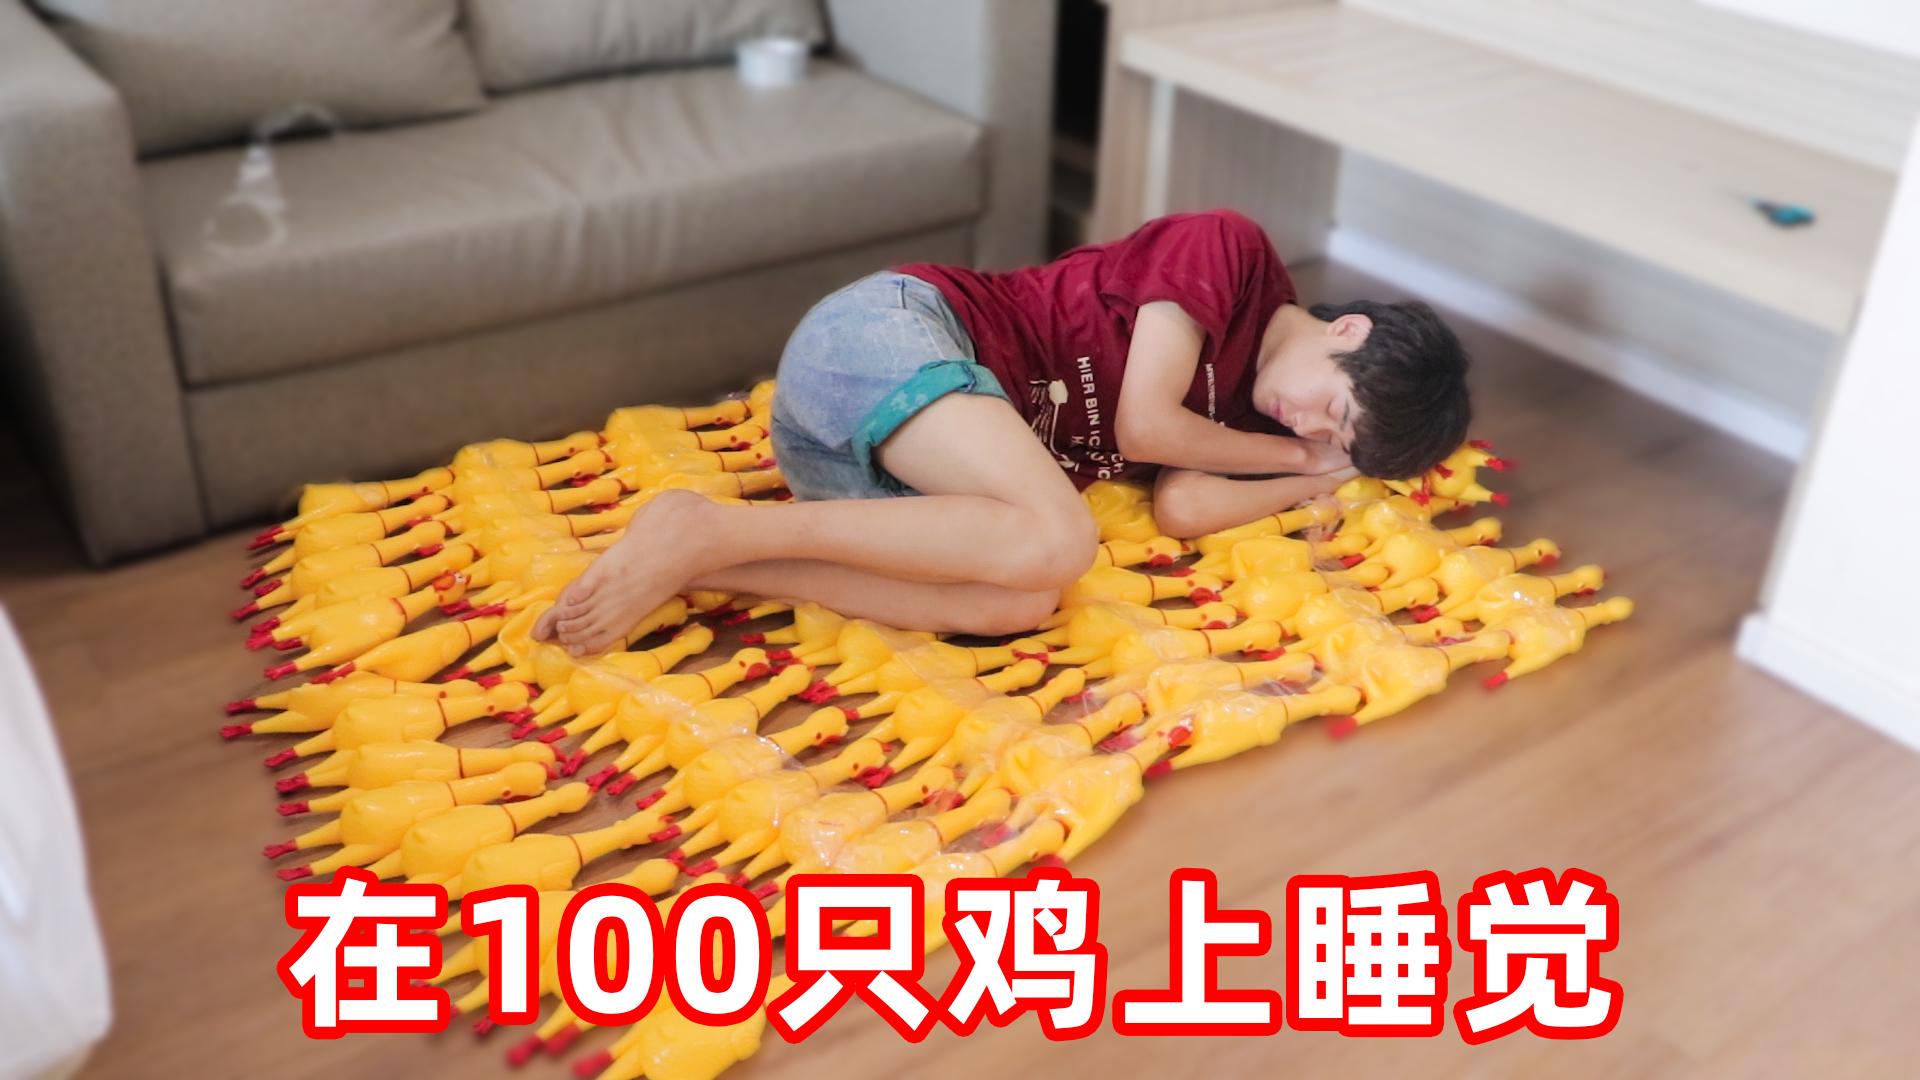 挑战在100只尖叫鸡上面睡觉!晚上邻居被吵到砸天花板